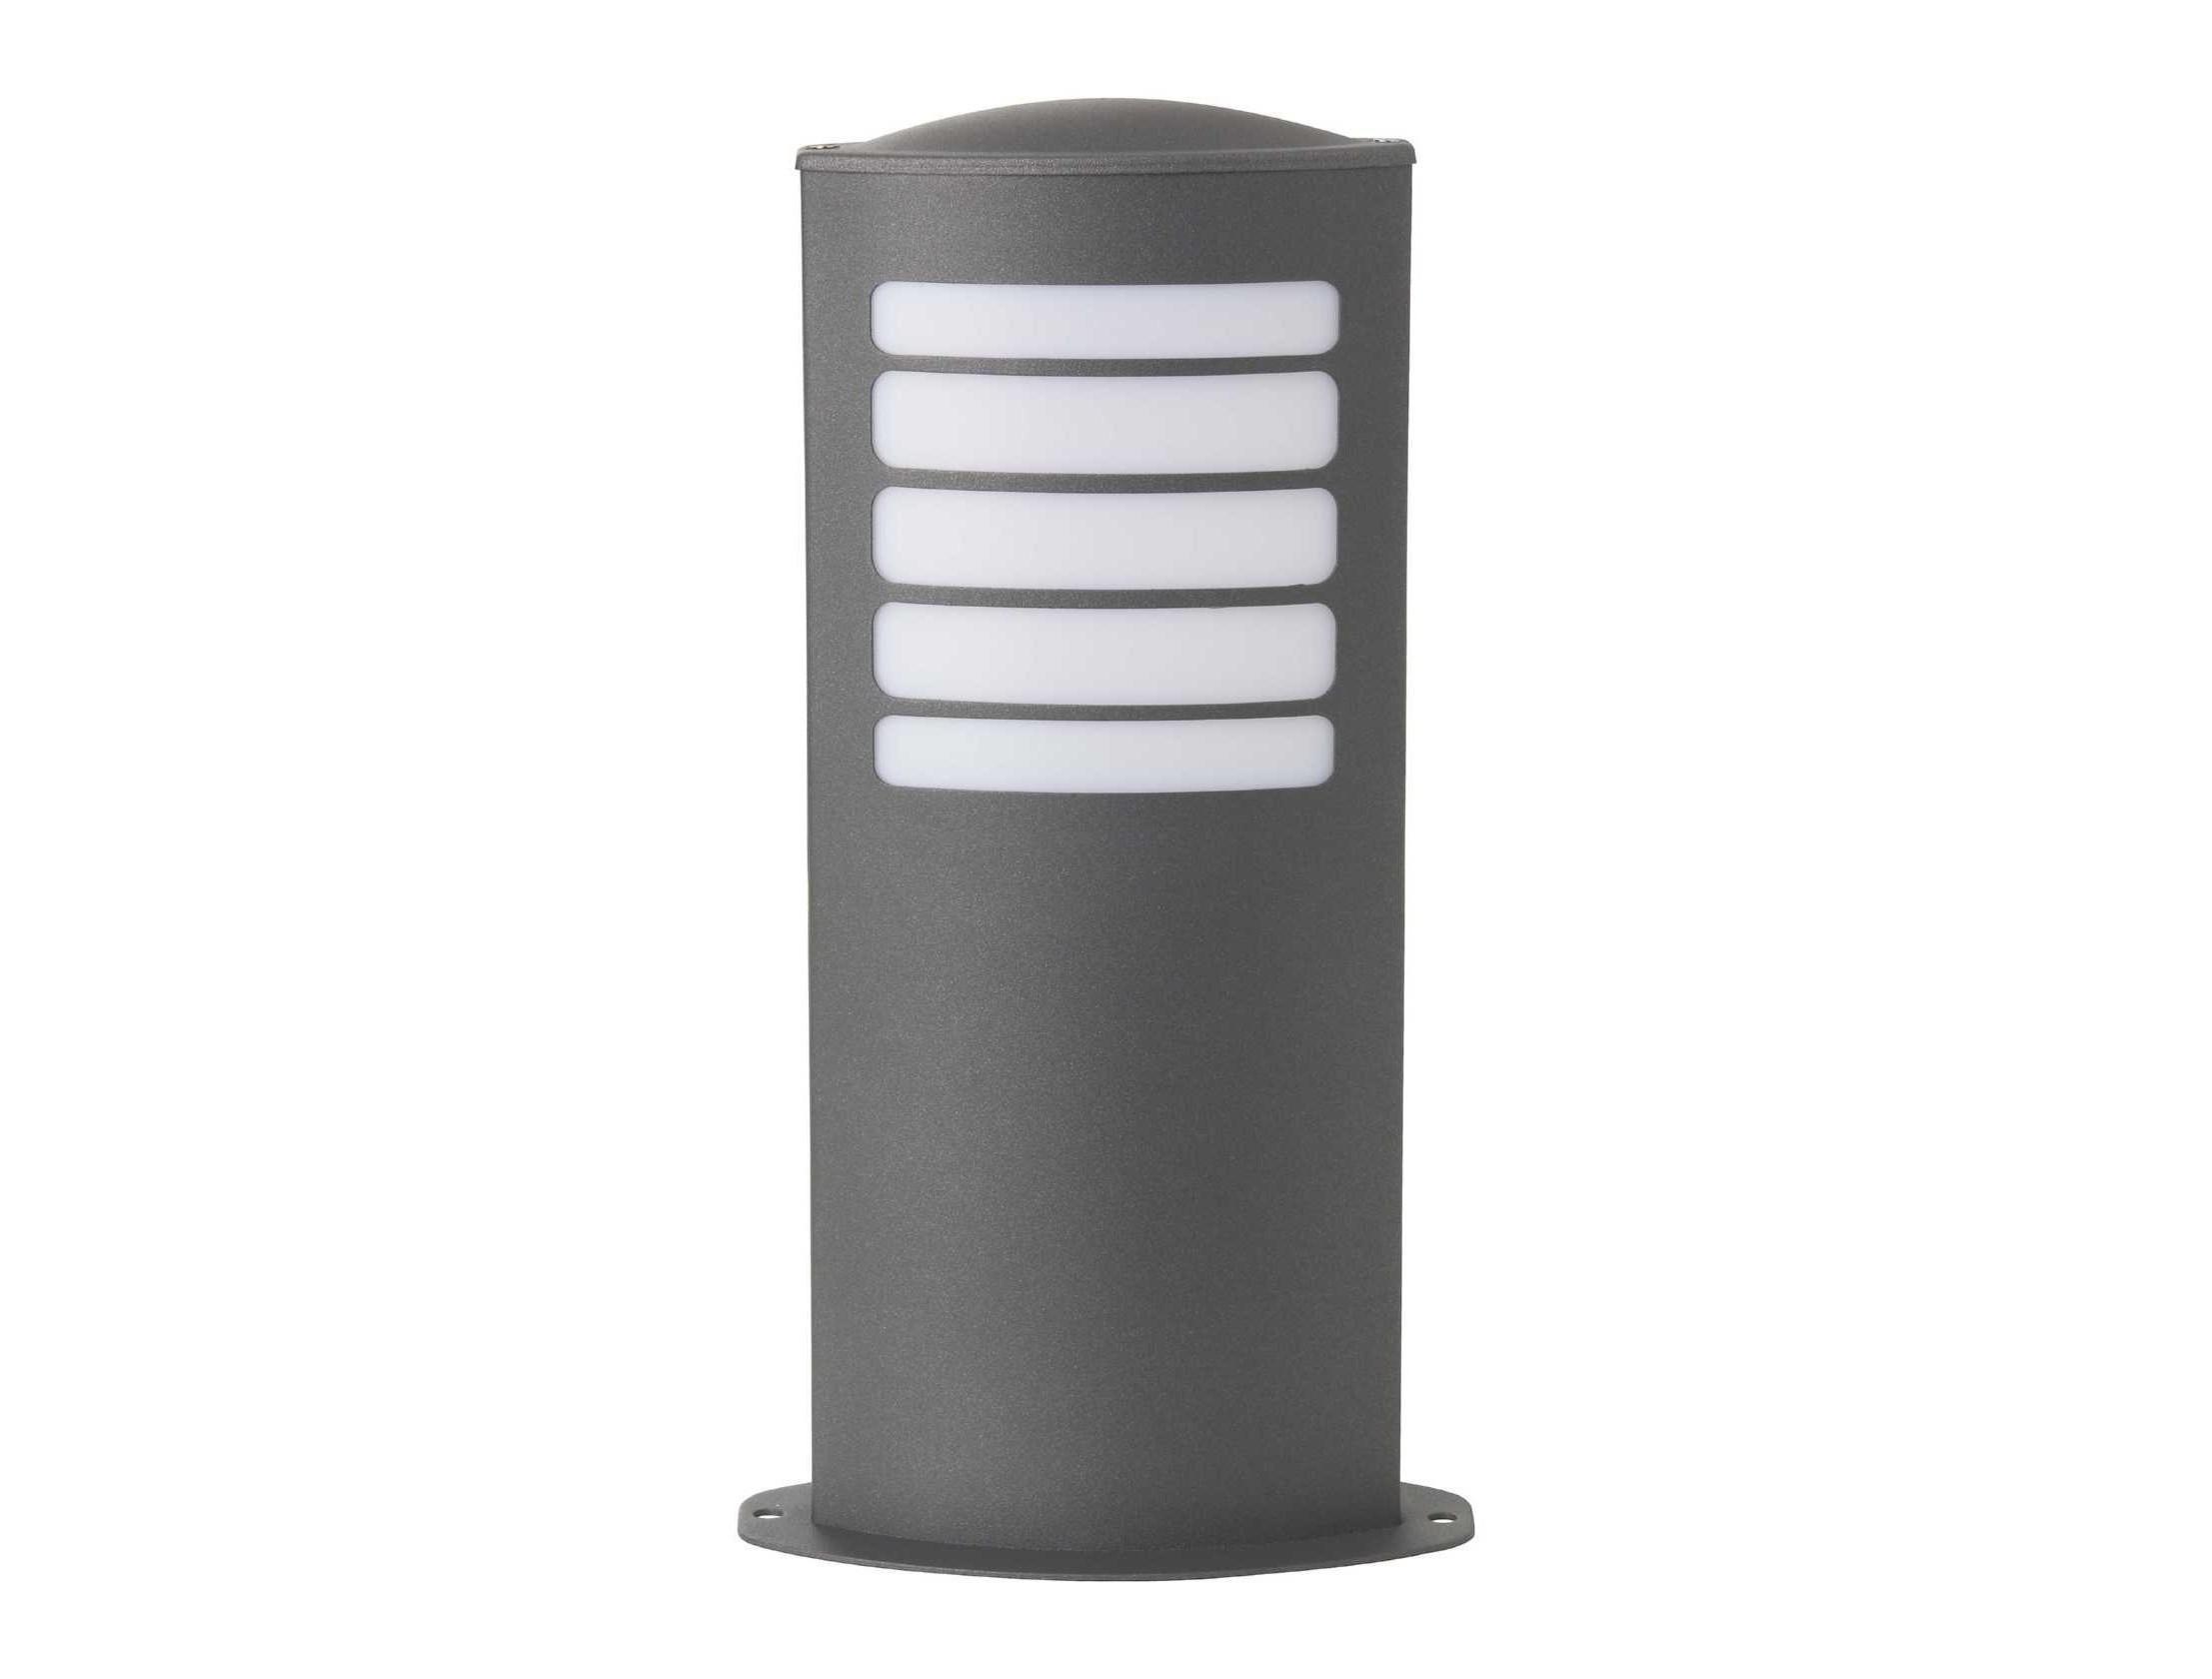 Светильник напольный ToddУличные наземные светильники<br>&amp;lt;div&amp;gt;&amp;lt;div&amp;gt;Цоколь: E27&amp;lt;/div&amp;gt;&amp;lt;div&amp;gt;Мощность лампы: 20W&amp;lt;/div&amp;gt;&amp;lt;div&amp;gt;Количество ламп: 1&amp;amp;nbsp;&amp;lt;/div&amp;gt;&amp;lt;div&amp;gt;Наличие ламп: отсутствуют&amp;lt;/div&amp;gt;&amp;lt;/div&amp;gt;&amp;lt;div&amp;gt;&amp;lt;br&amp;gt;&amp;lt;/div&amp;gt;<br><br>Material: Пластик<br>Ширина см: 16<br>Высота см: 40<br>Глубина см: 7